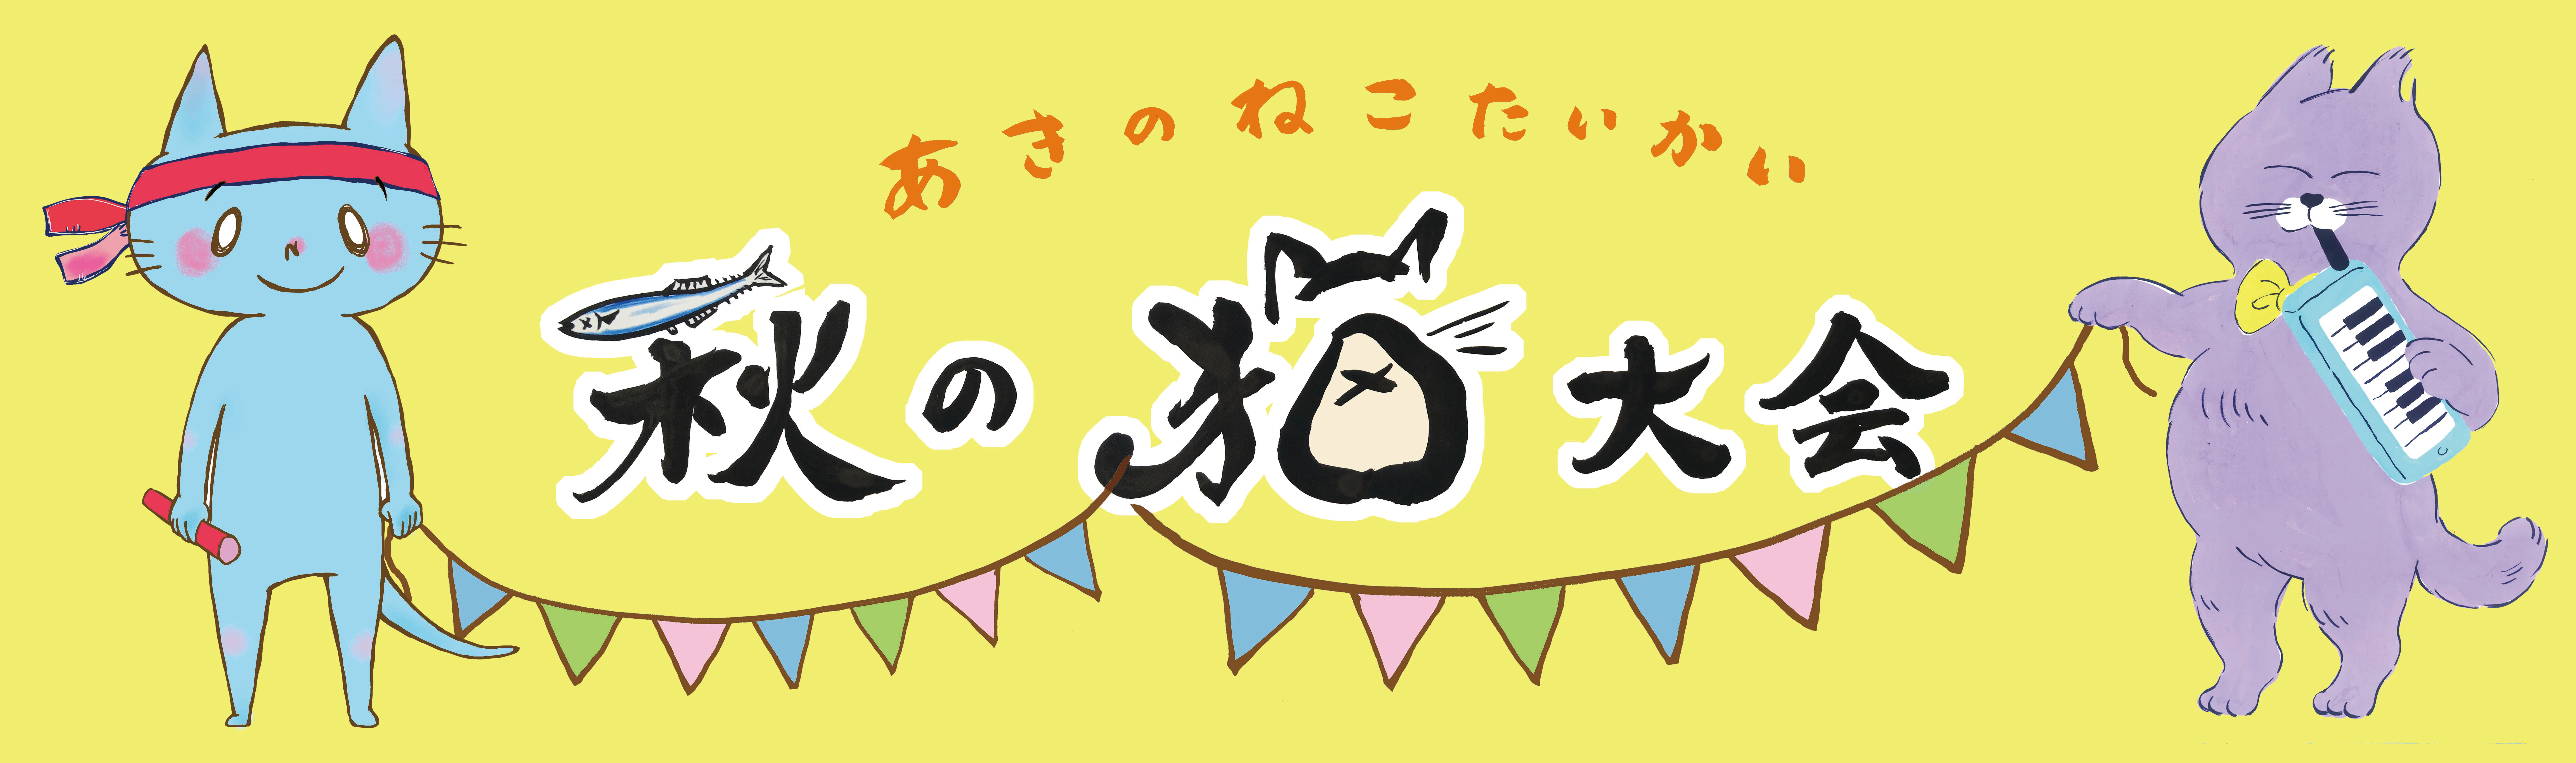 2016neko秋の猫大会